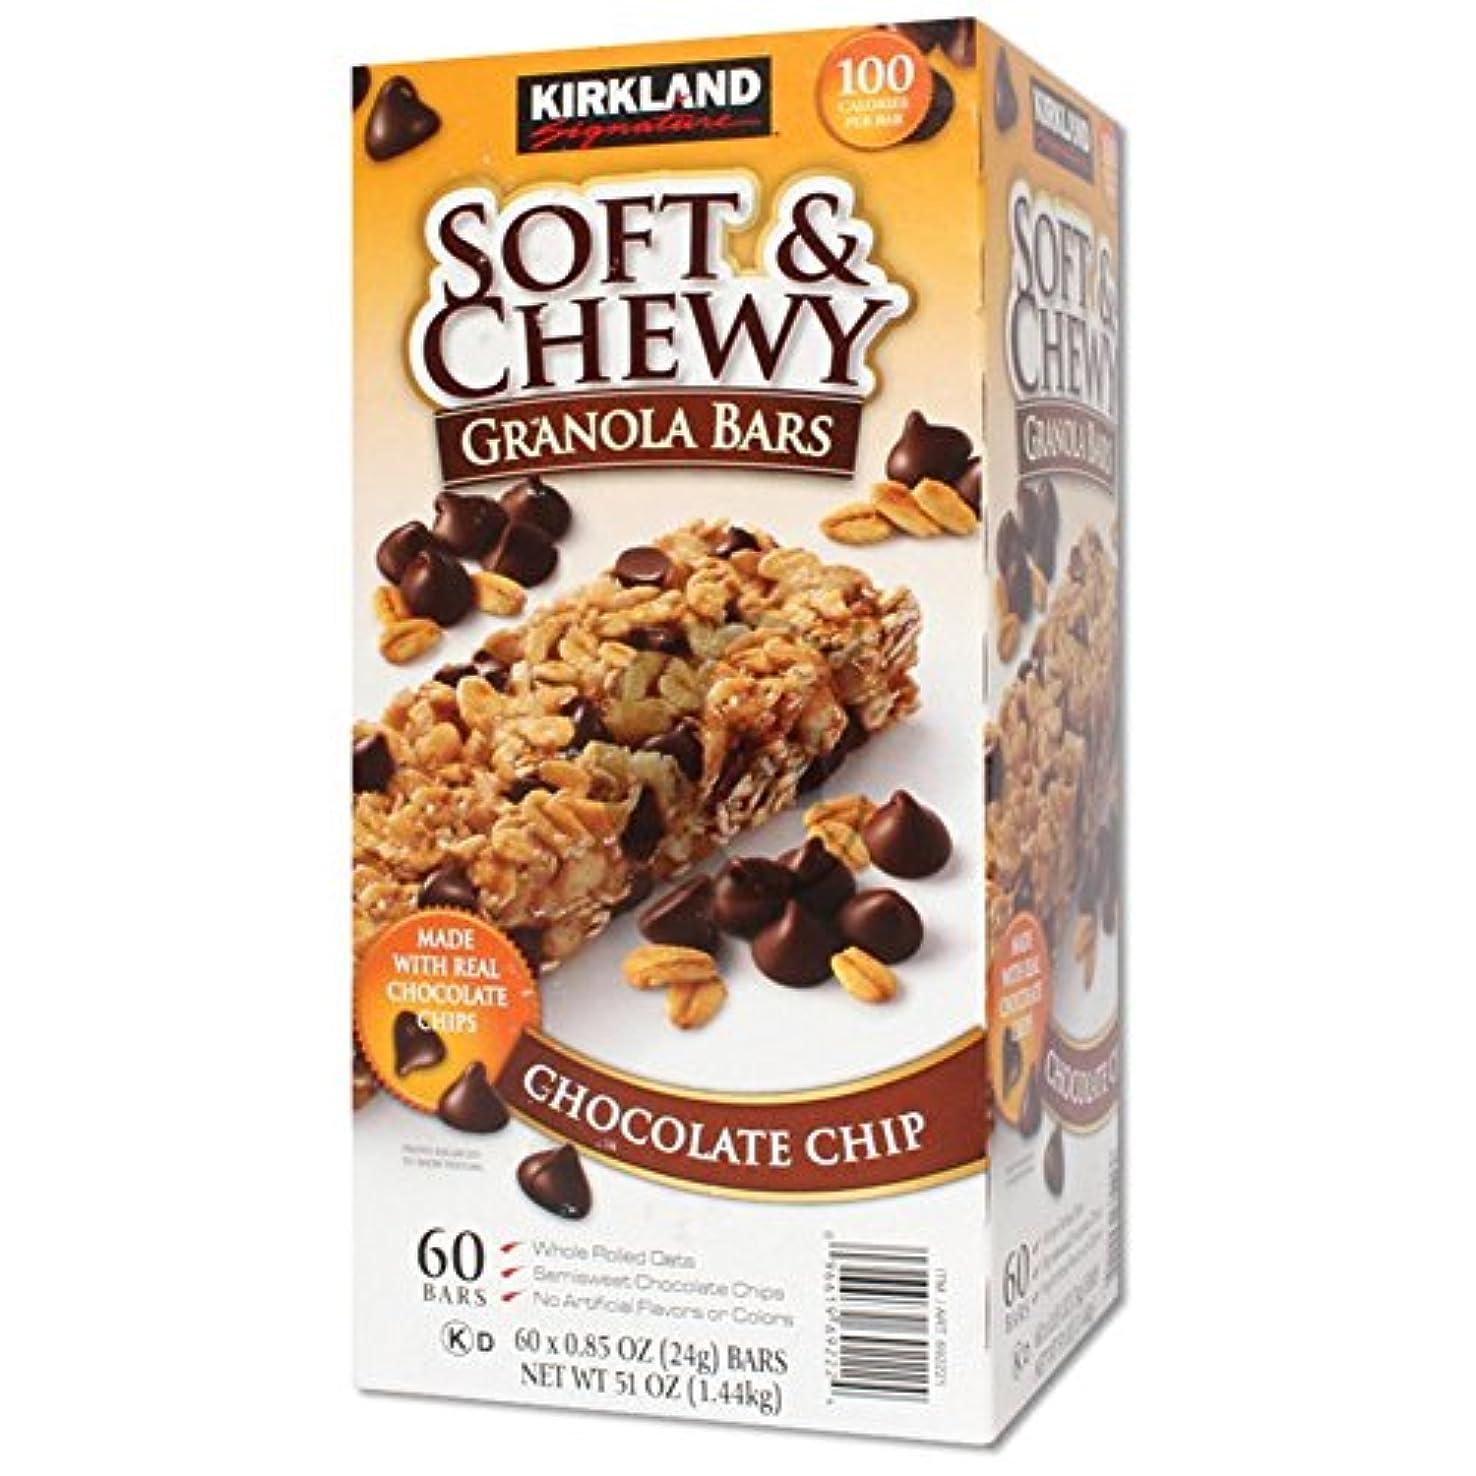 聞く蒸留するバング【カークランド/ KIRKLAND】Soft&Chewy GRANOLA Bar Chocolate Chipソフト?アンド?チューイグラノーラバー1.44kg穀物バー/シリアル/栄養のバー[健康&ダイエット製品](海外直送品)